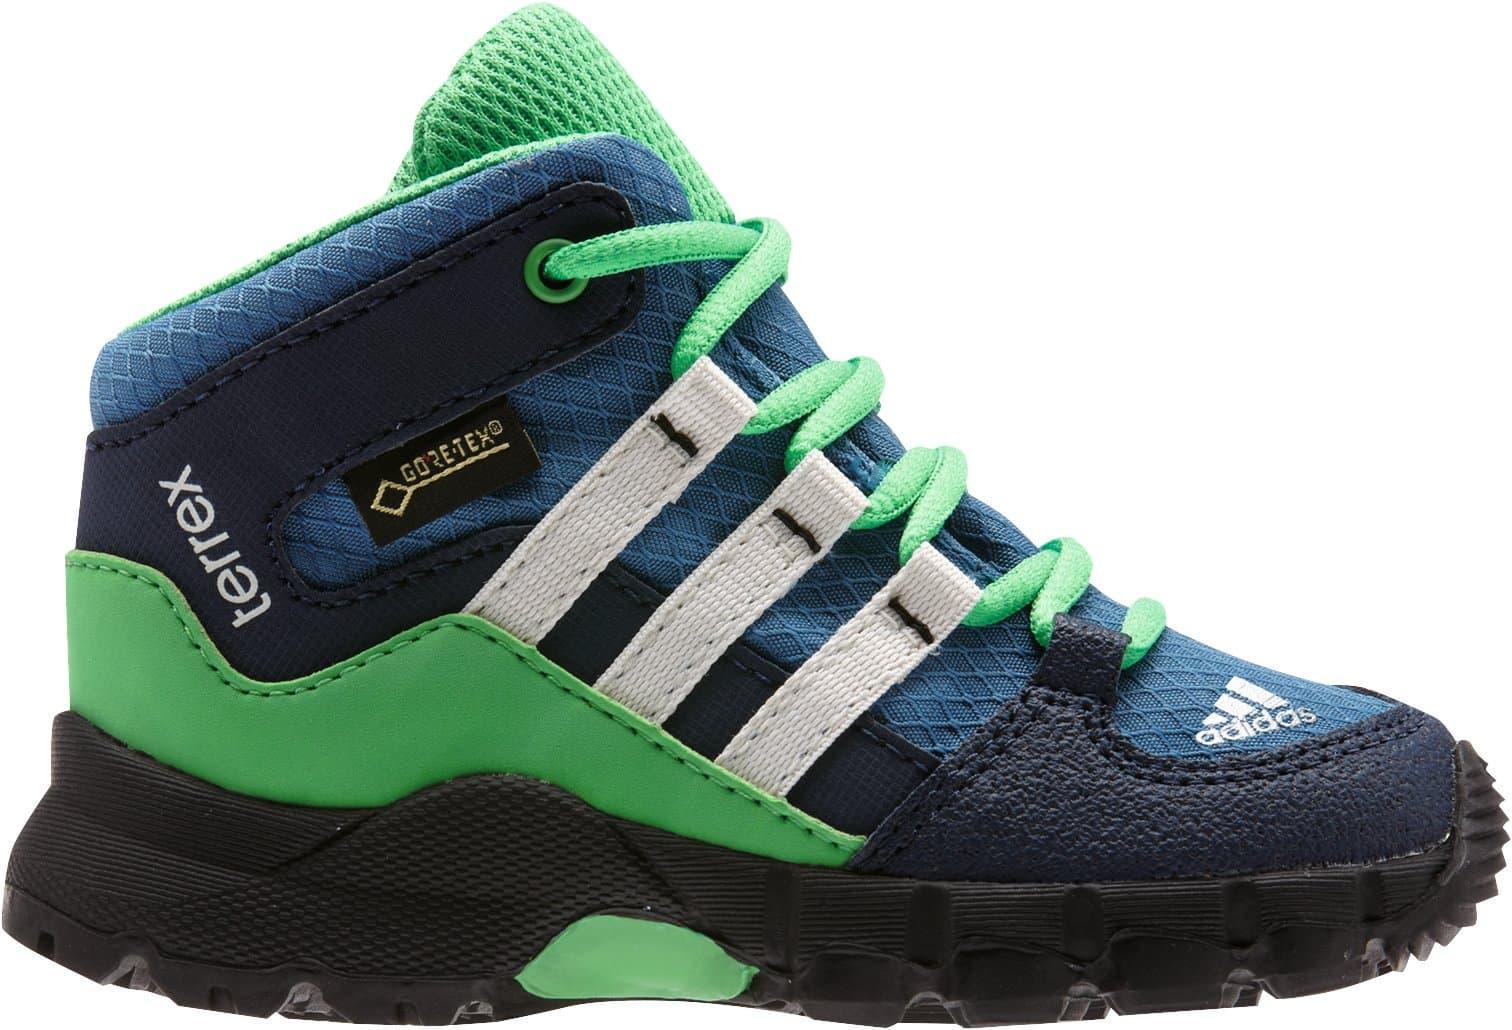 Adidas Terrex Mid GTX I Chaussures de randonnée pour enfant